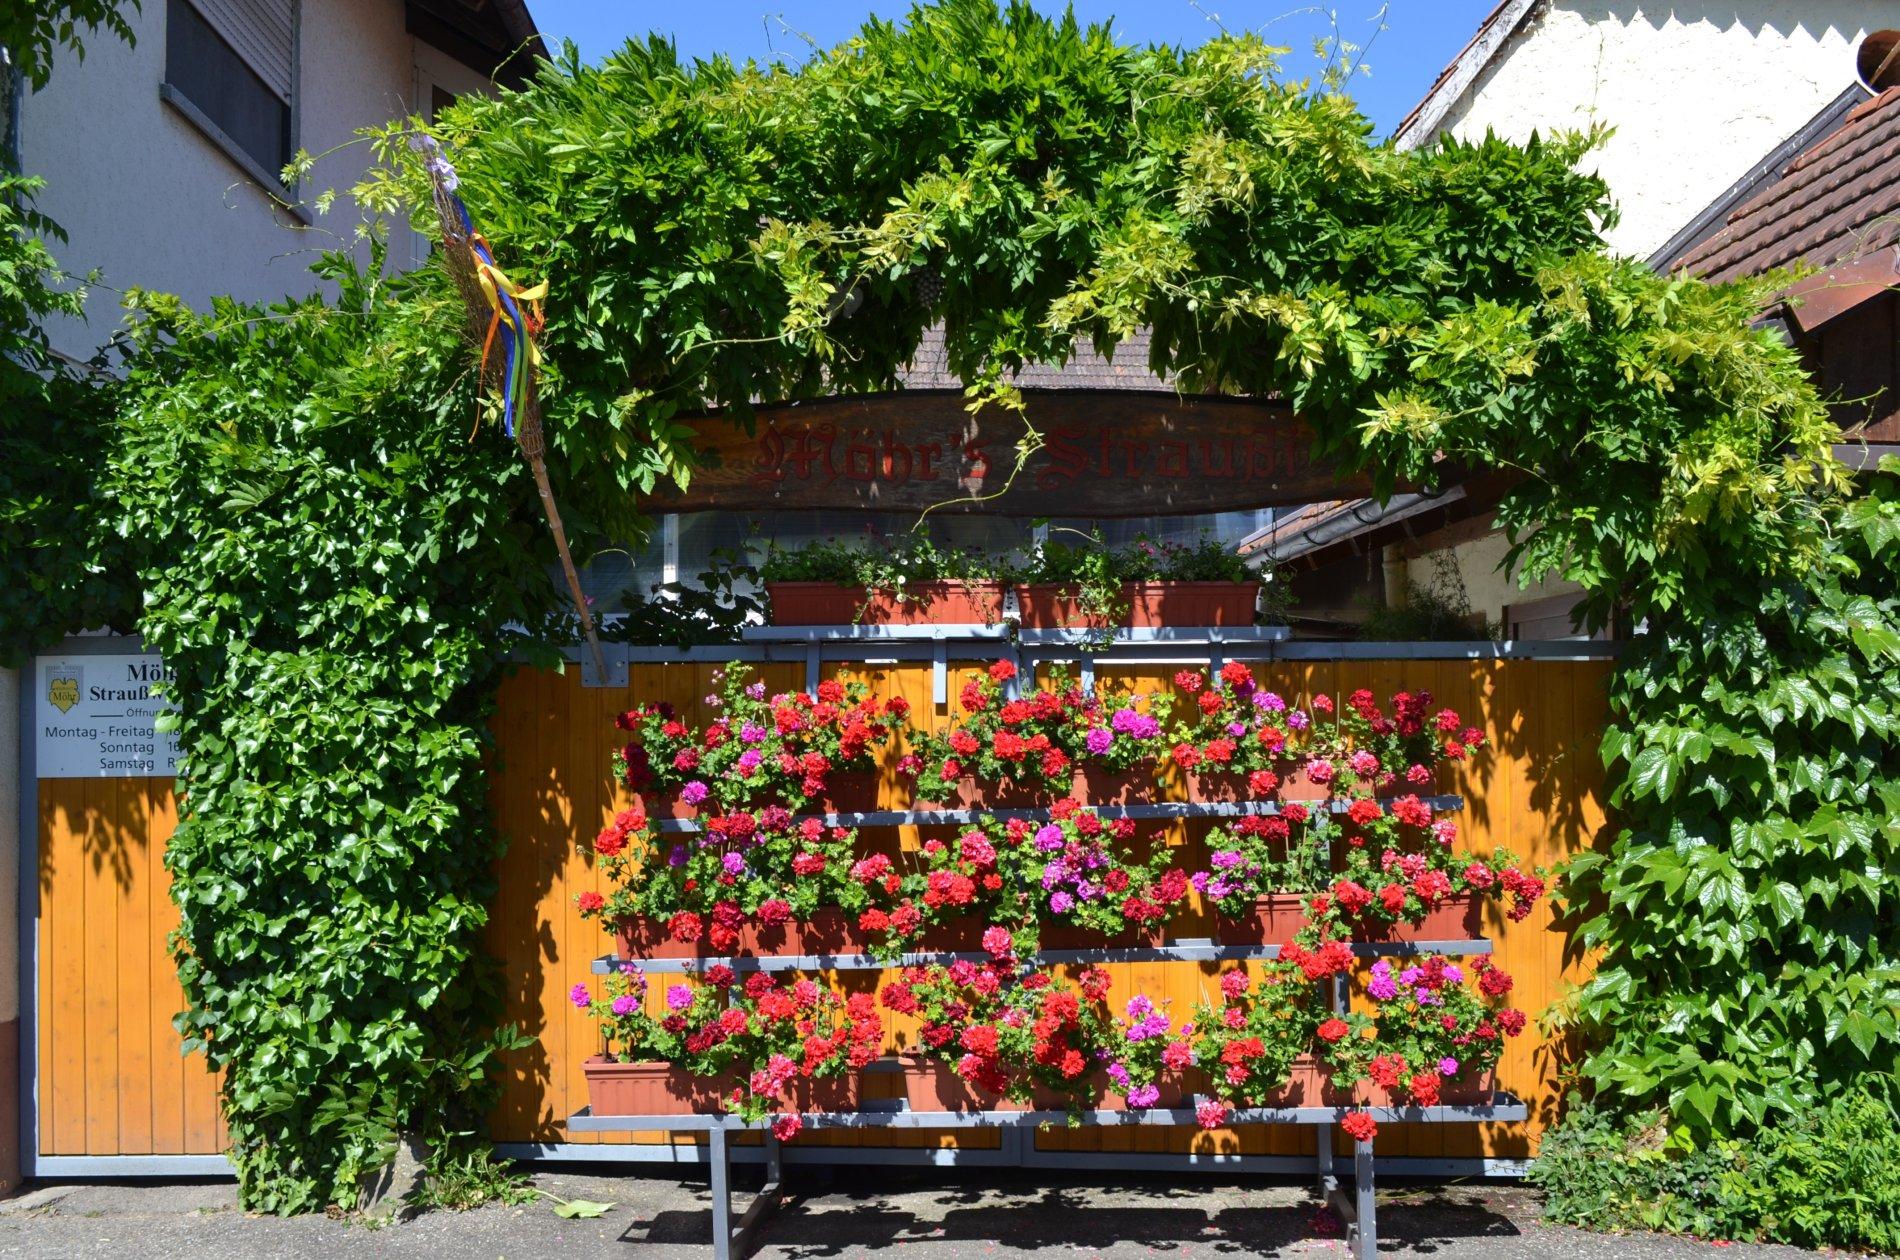 Hofeingang von Möhr's Straußwirtschaft